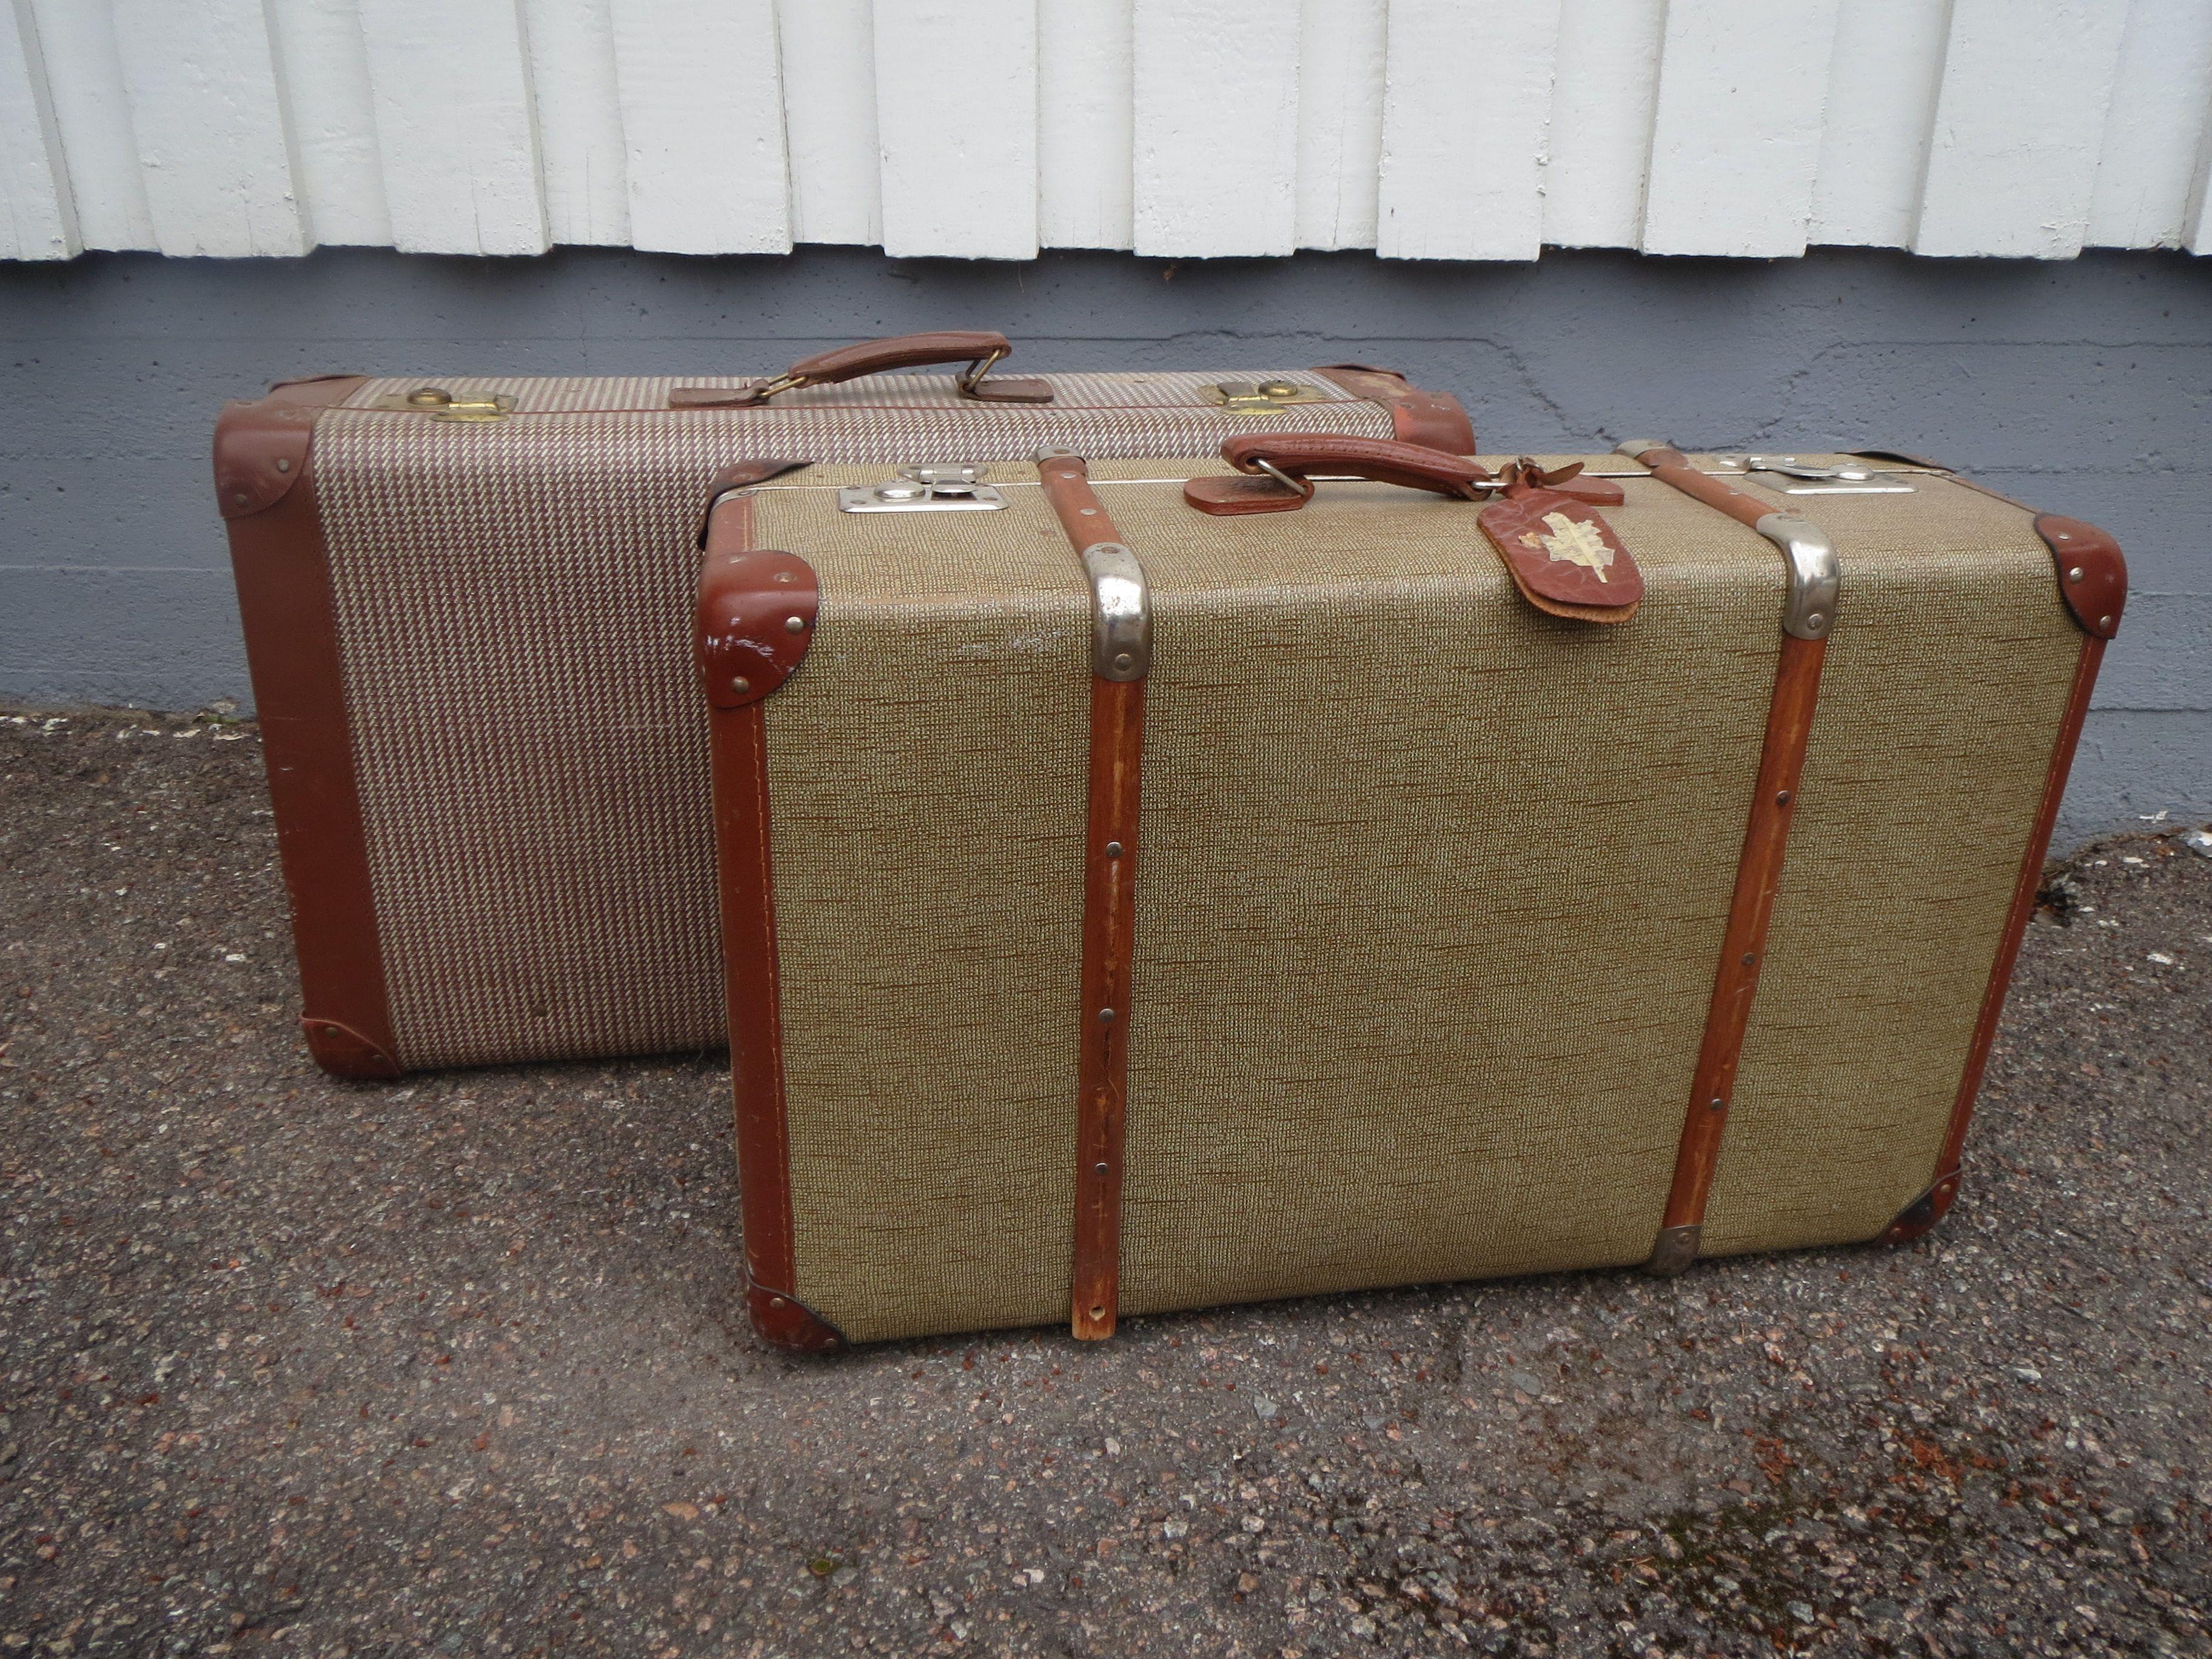 Hyväkuntoiset isot matkalaukut, siistikuntoiset myös sisältä. Etummaisen laukun alareunasta puuttuu metallinen puuvanteen pidike.  Edessä oleva puuvanteinen laukku 45 euroa, takana oleva 40 euroa.